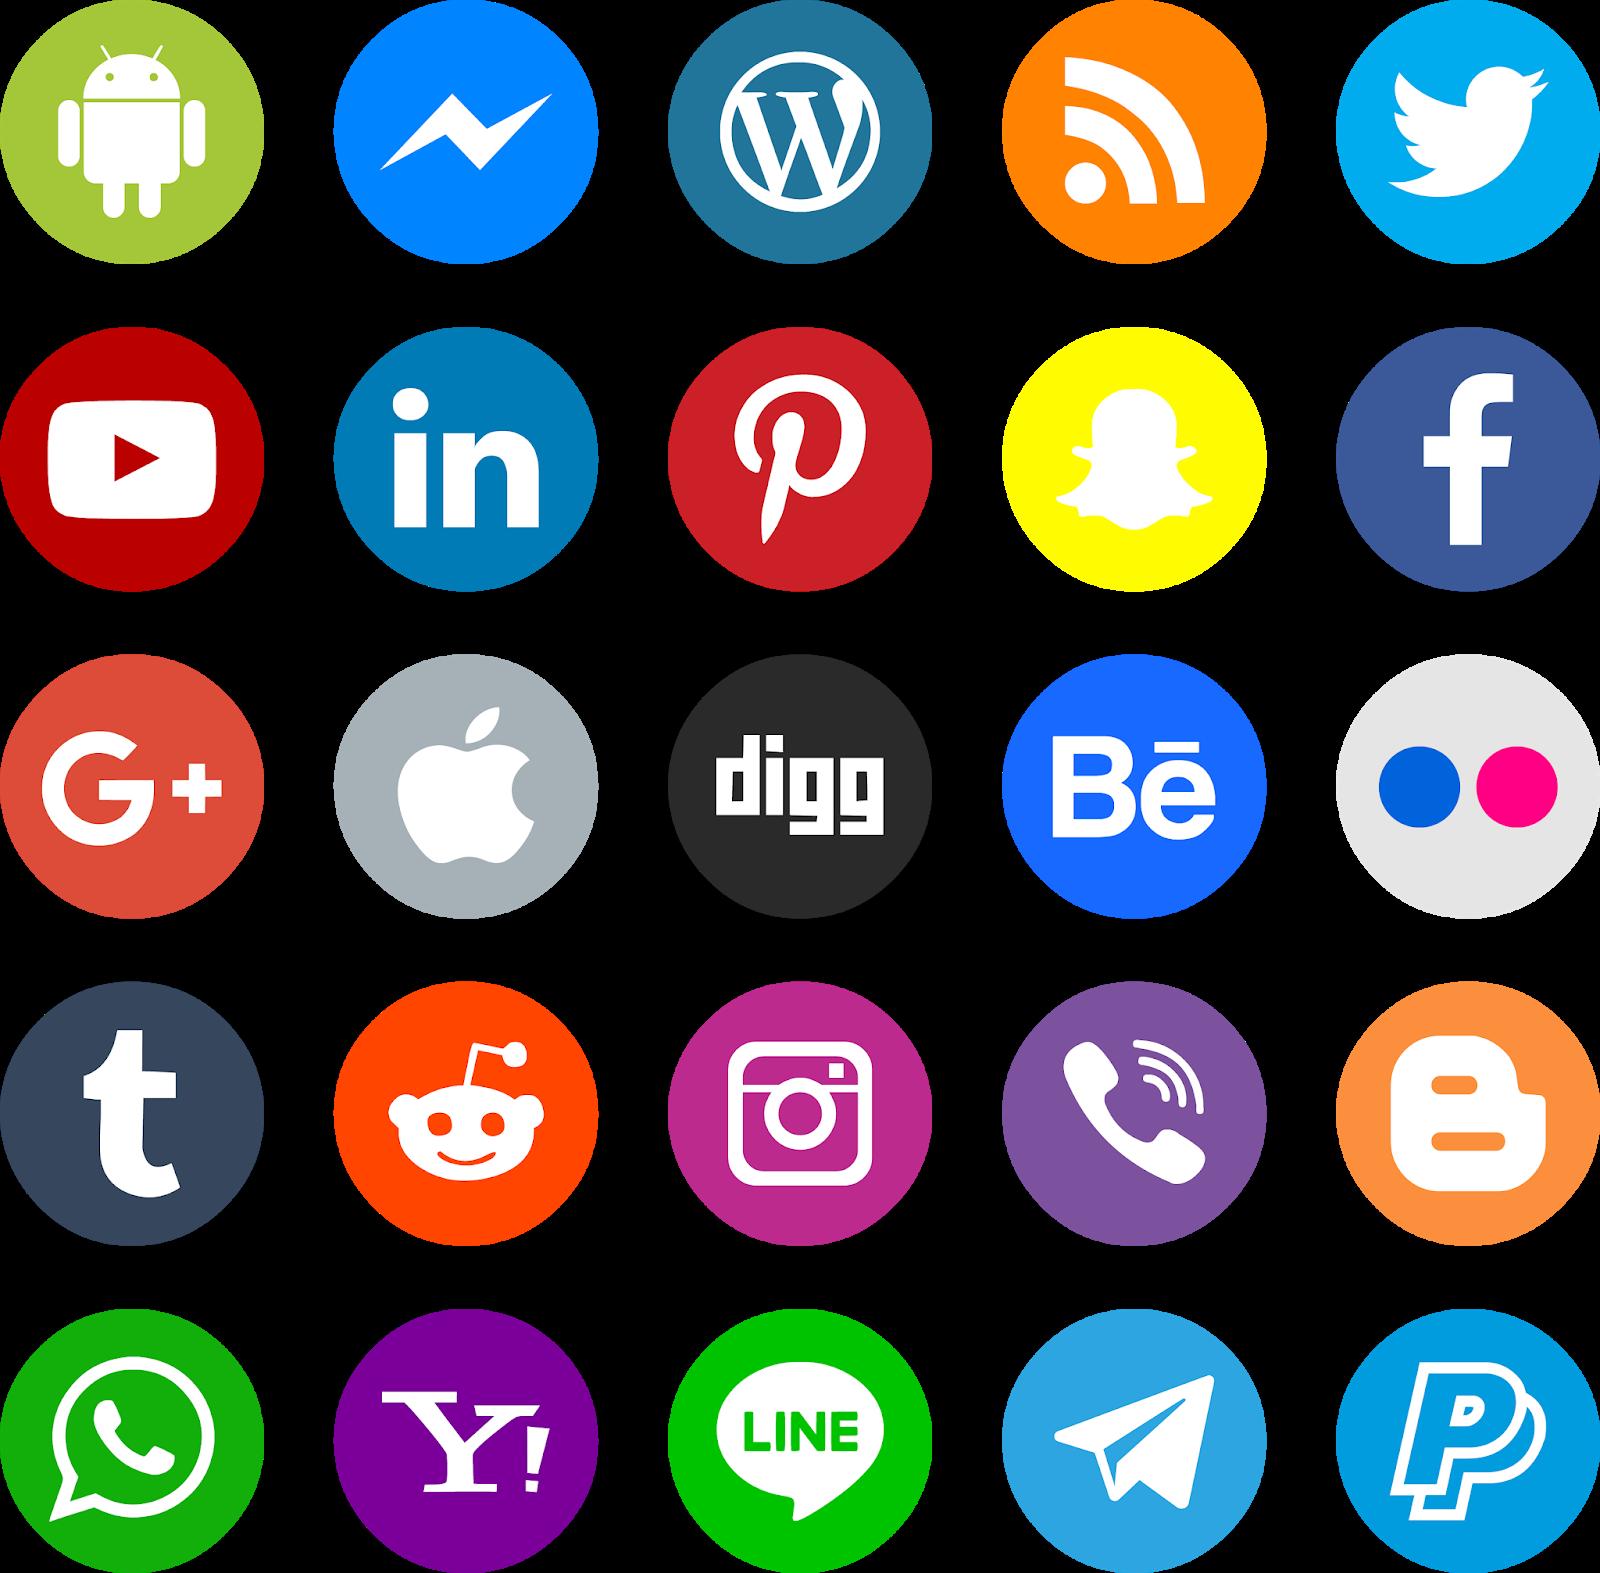 تحميل أيقونات مواقع التواصل الاجتماعي بصيغة Psd Png الصور